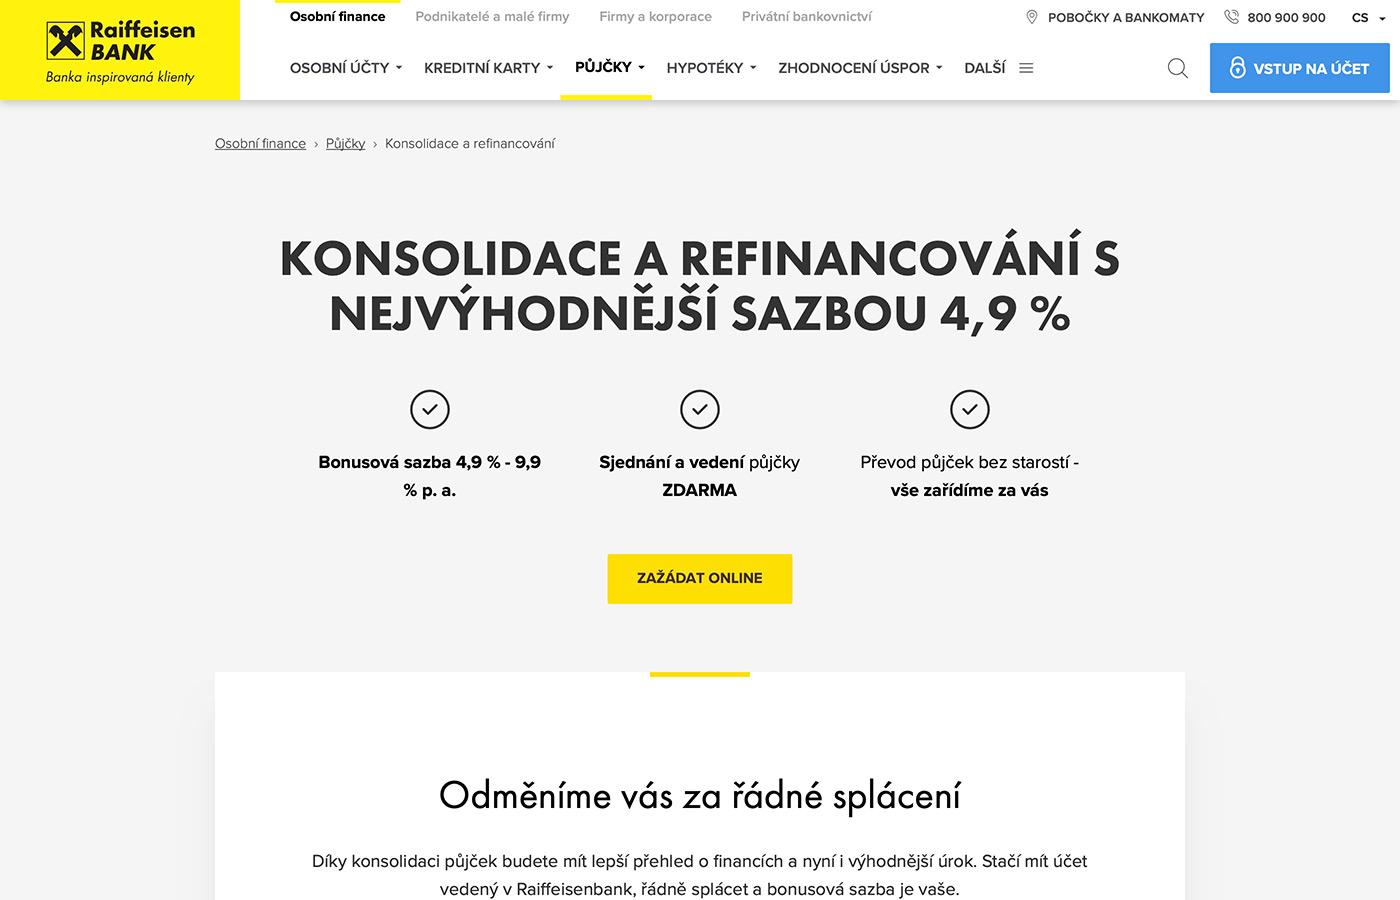 Webové stránky https://www.rb.cz/osobni/pujcky/prevedeni-a-slouceni-pujcek